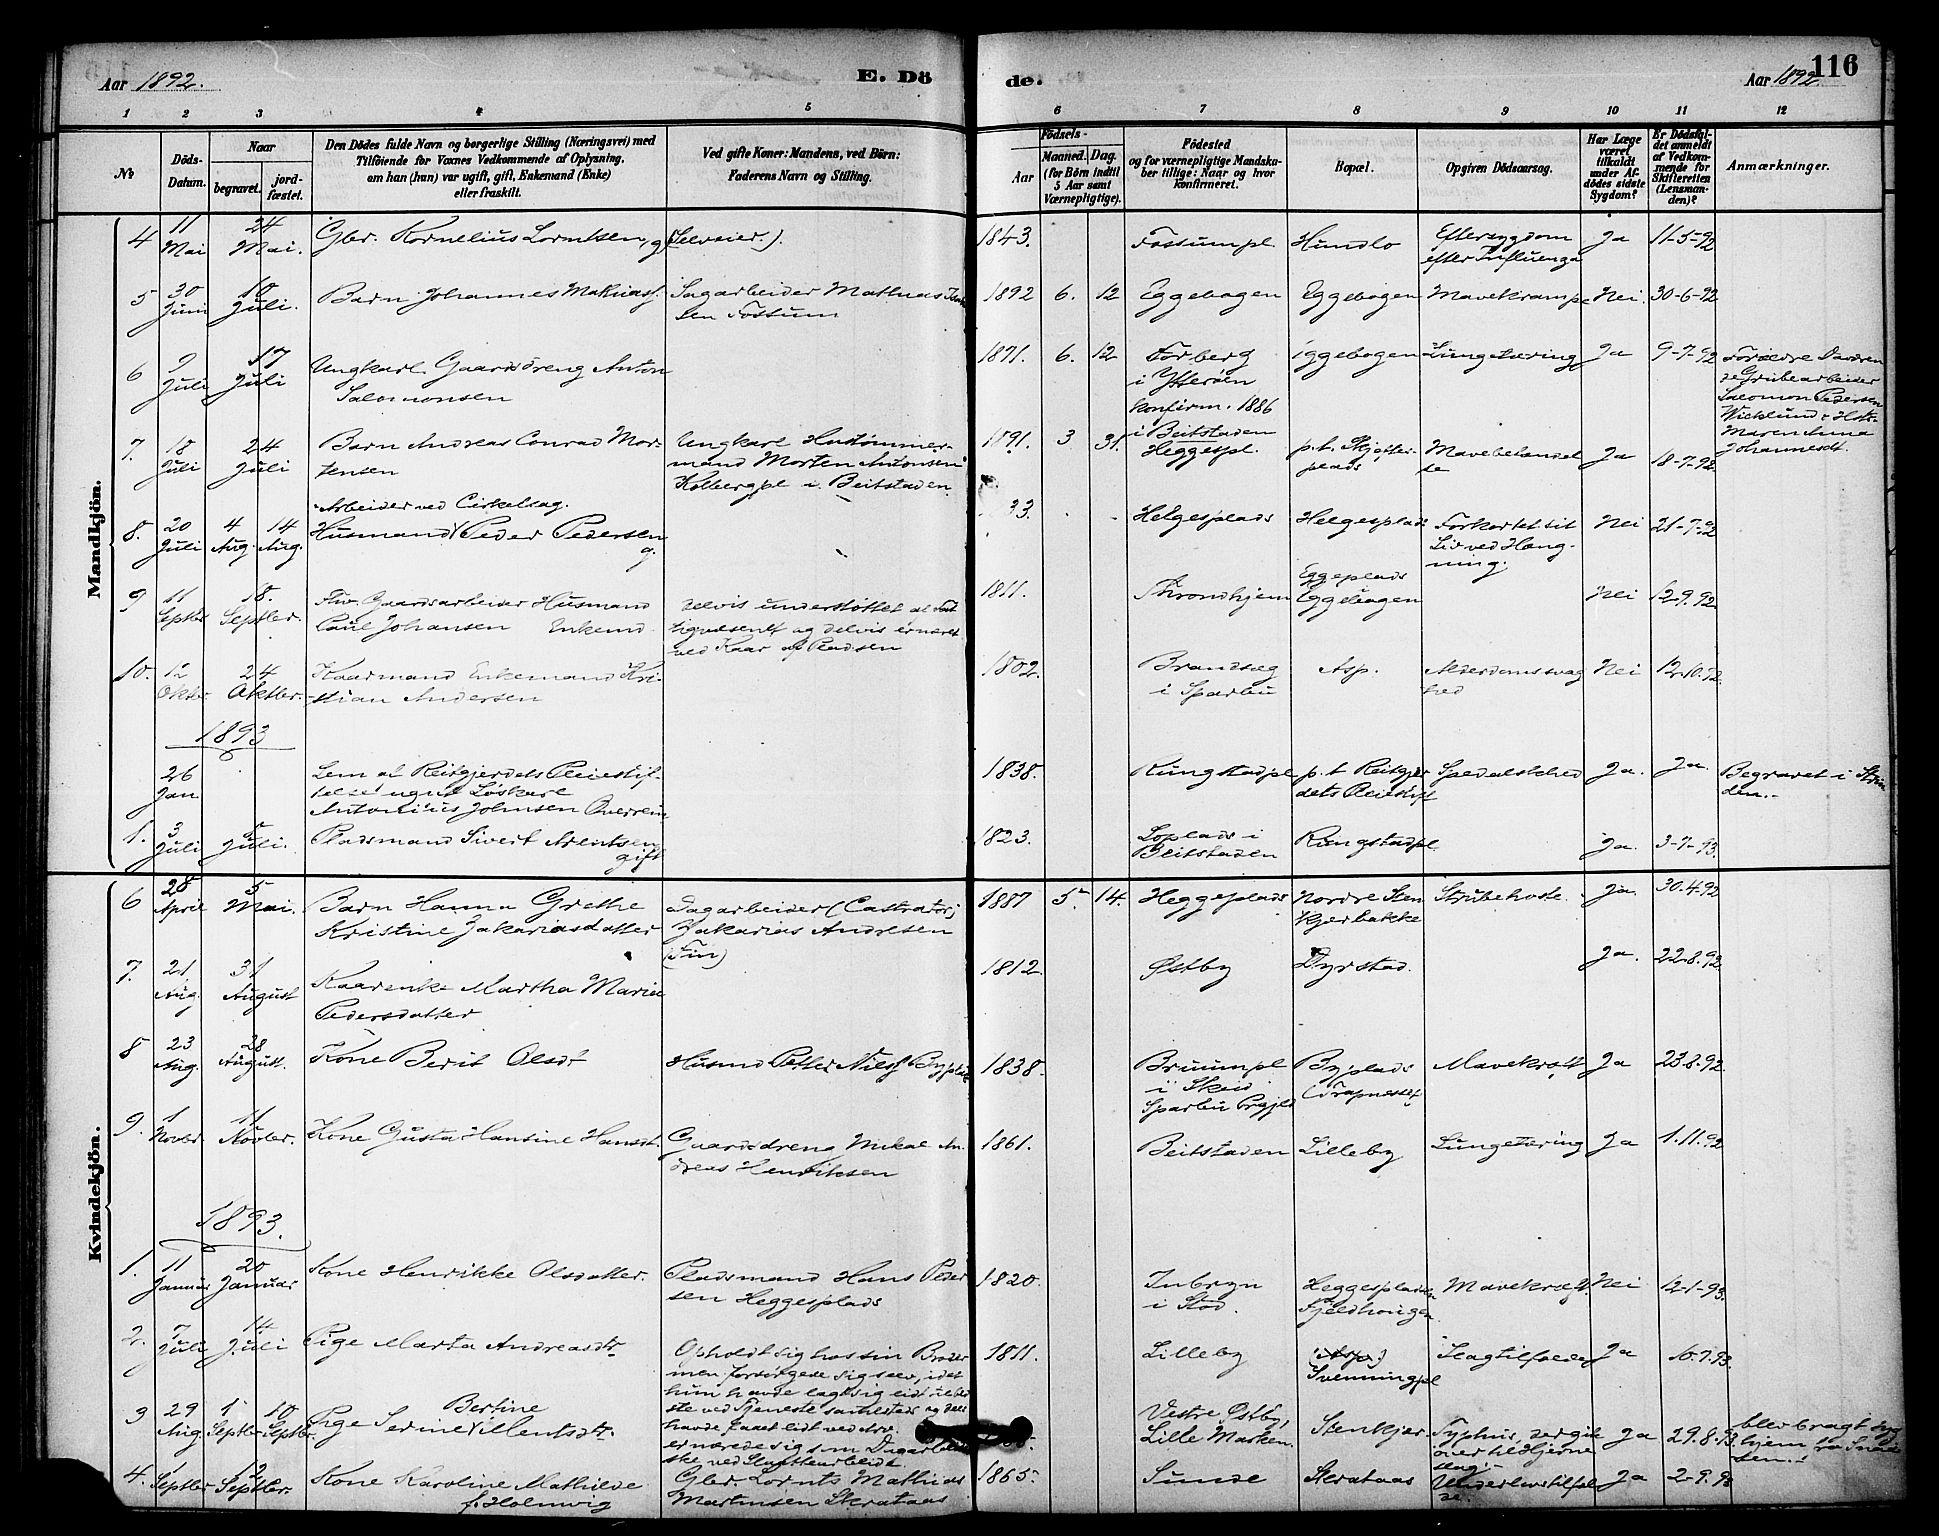 SAT, Ministerialprotokoller, klokkerbøker og fødselsregistre - Nord-Trøndelag, 740/L0378: Ministerialbok nr. 740A01, 1881-1895, s. 116